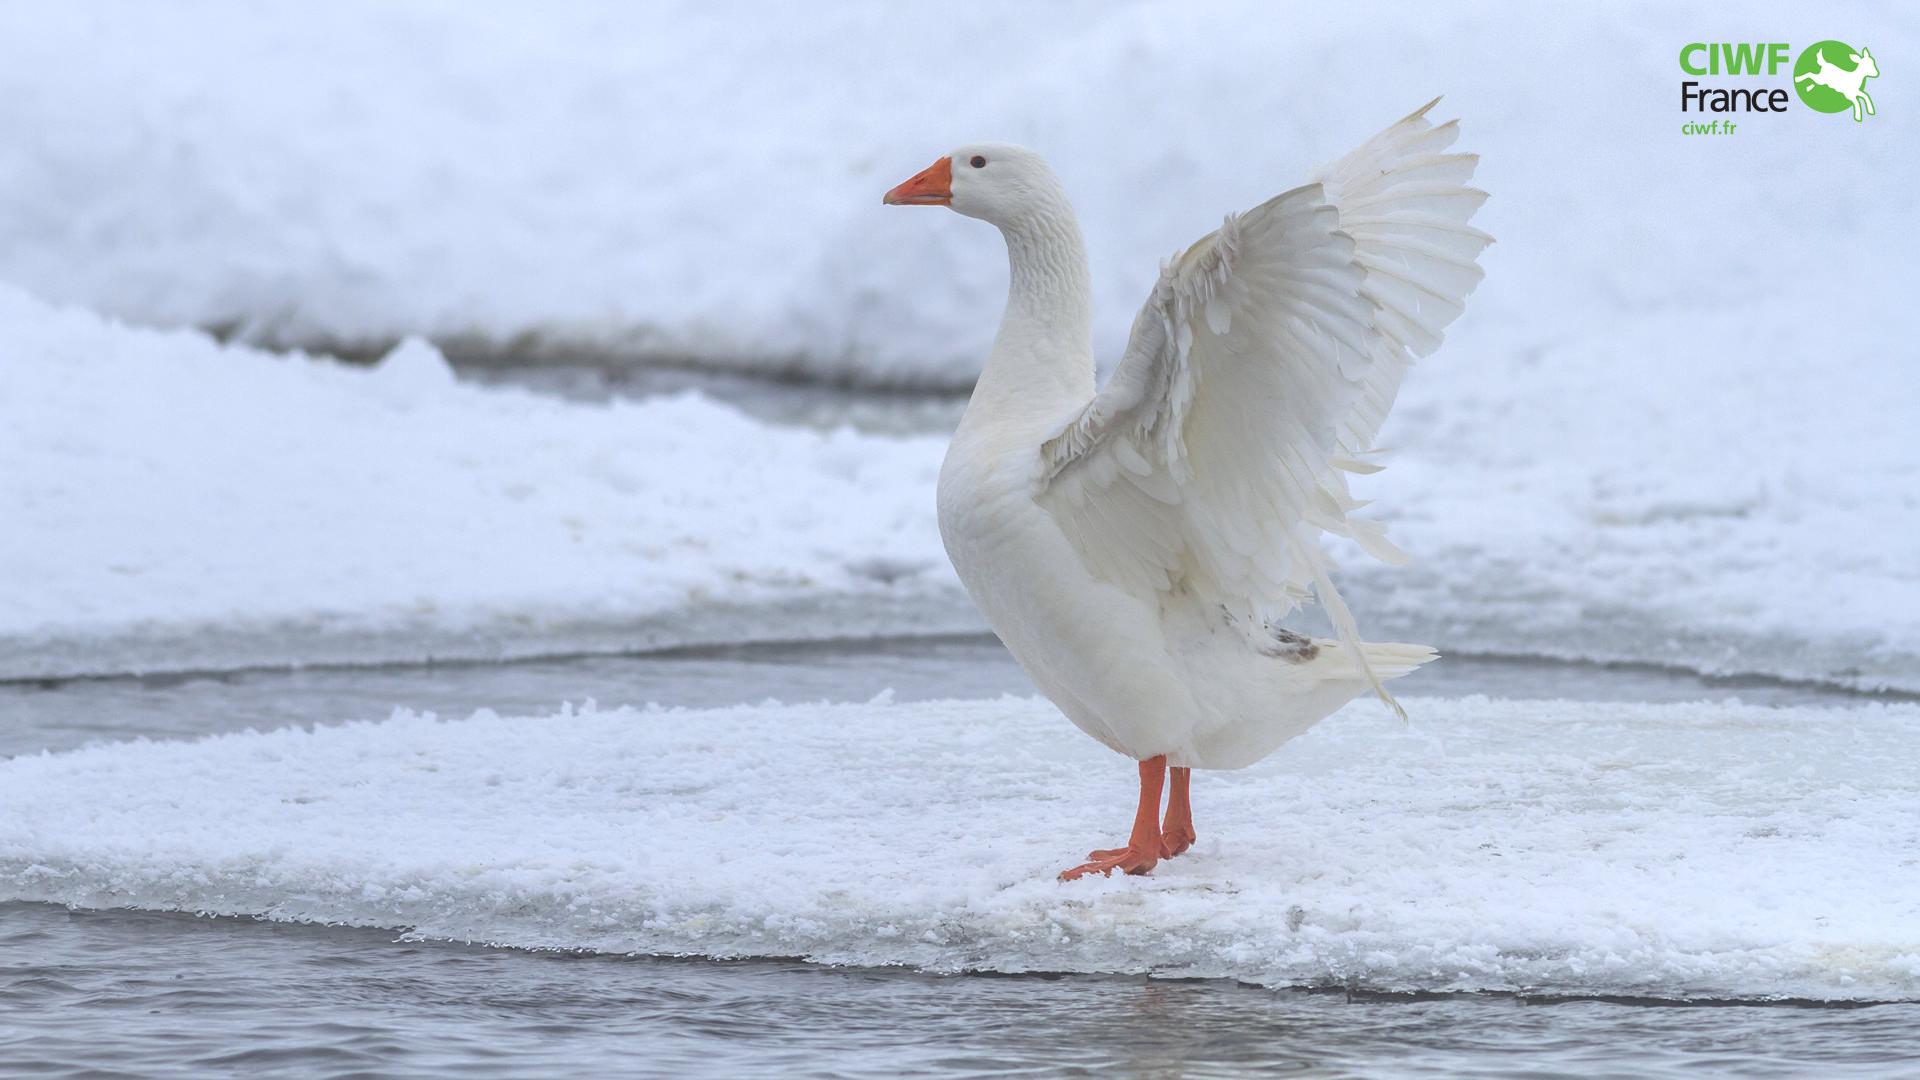 Oie en hiver ciwf france for Fond ecran hiver animaux